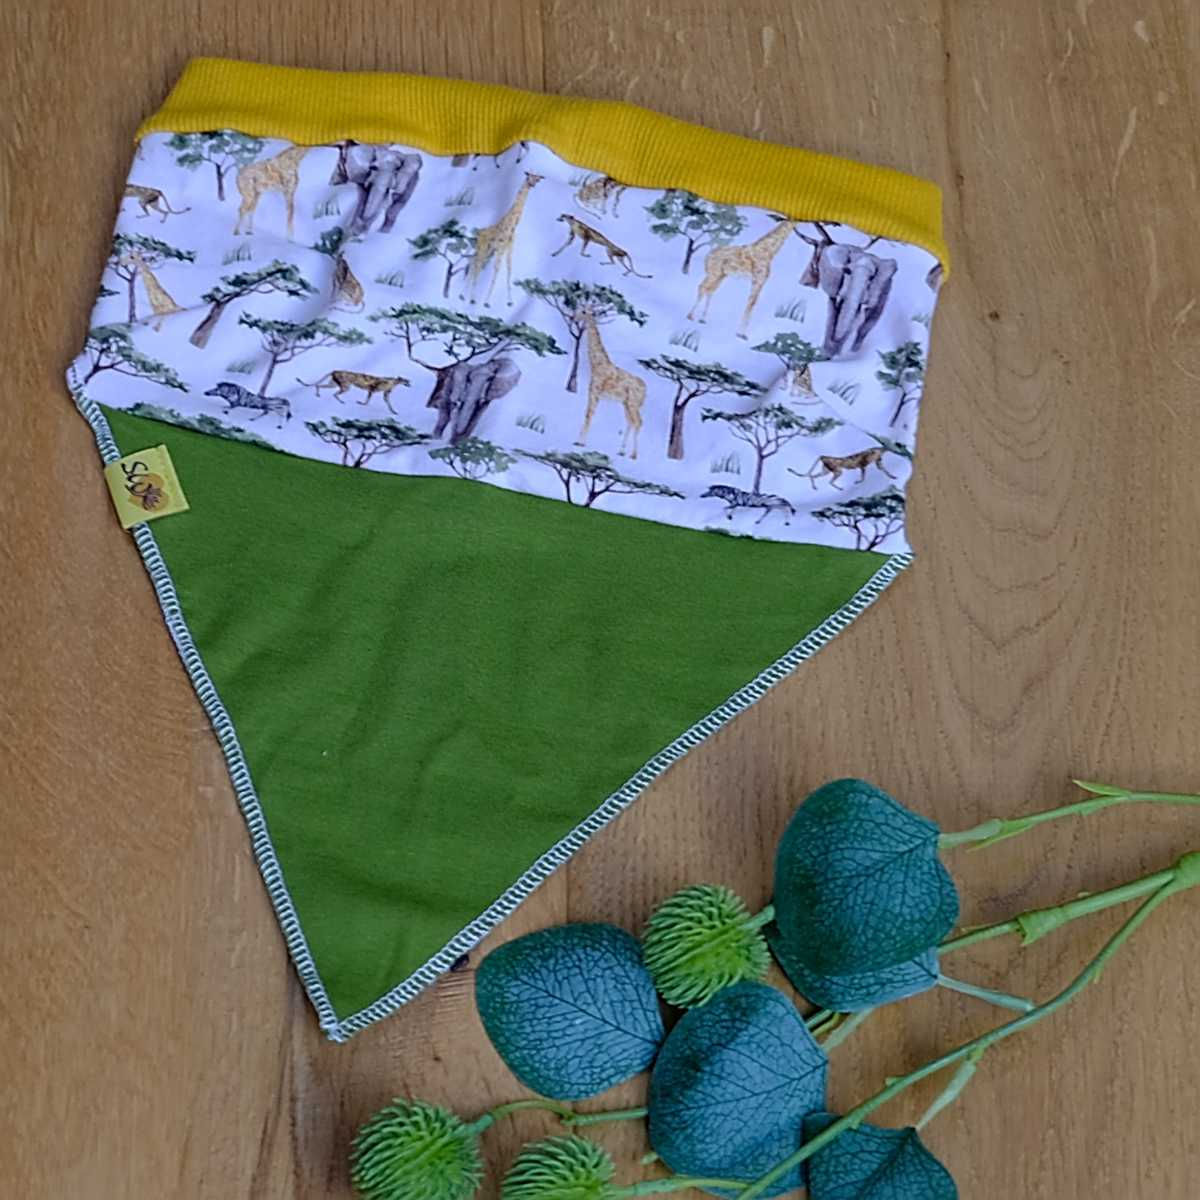 """luftiges, leichtes Kopftuch  mit Muster """"Wilde Tiere mit grün"""""""